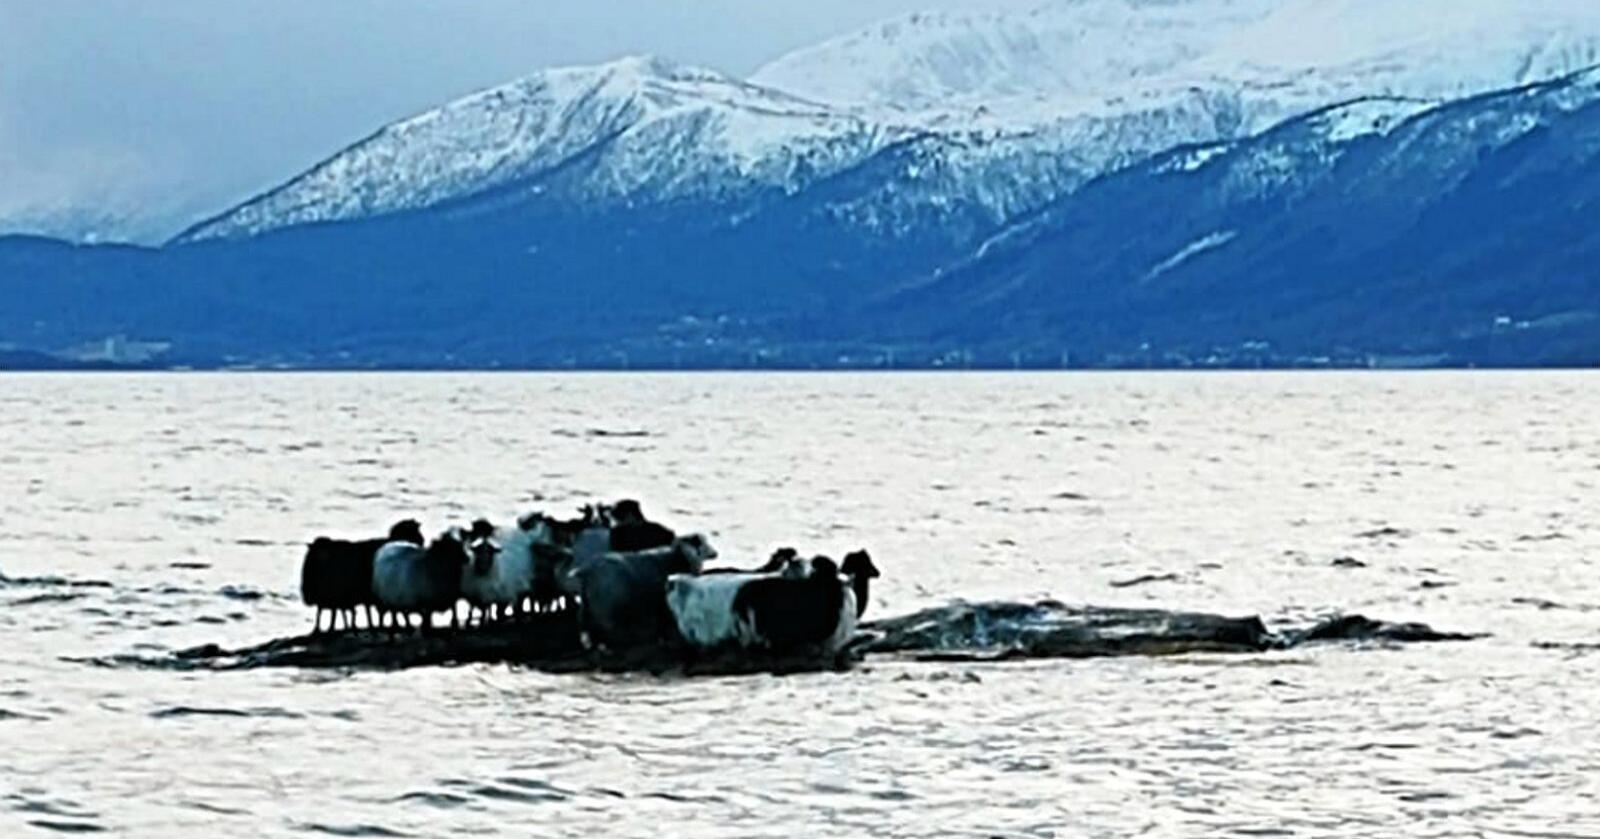 Sauene hadde vandra ut på eit skjer frå Hjertøya utanfor Molde. Så kom floa og fjerna vegen tilbake. Foto: Odd Terje Heimen